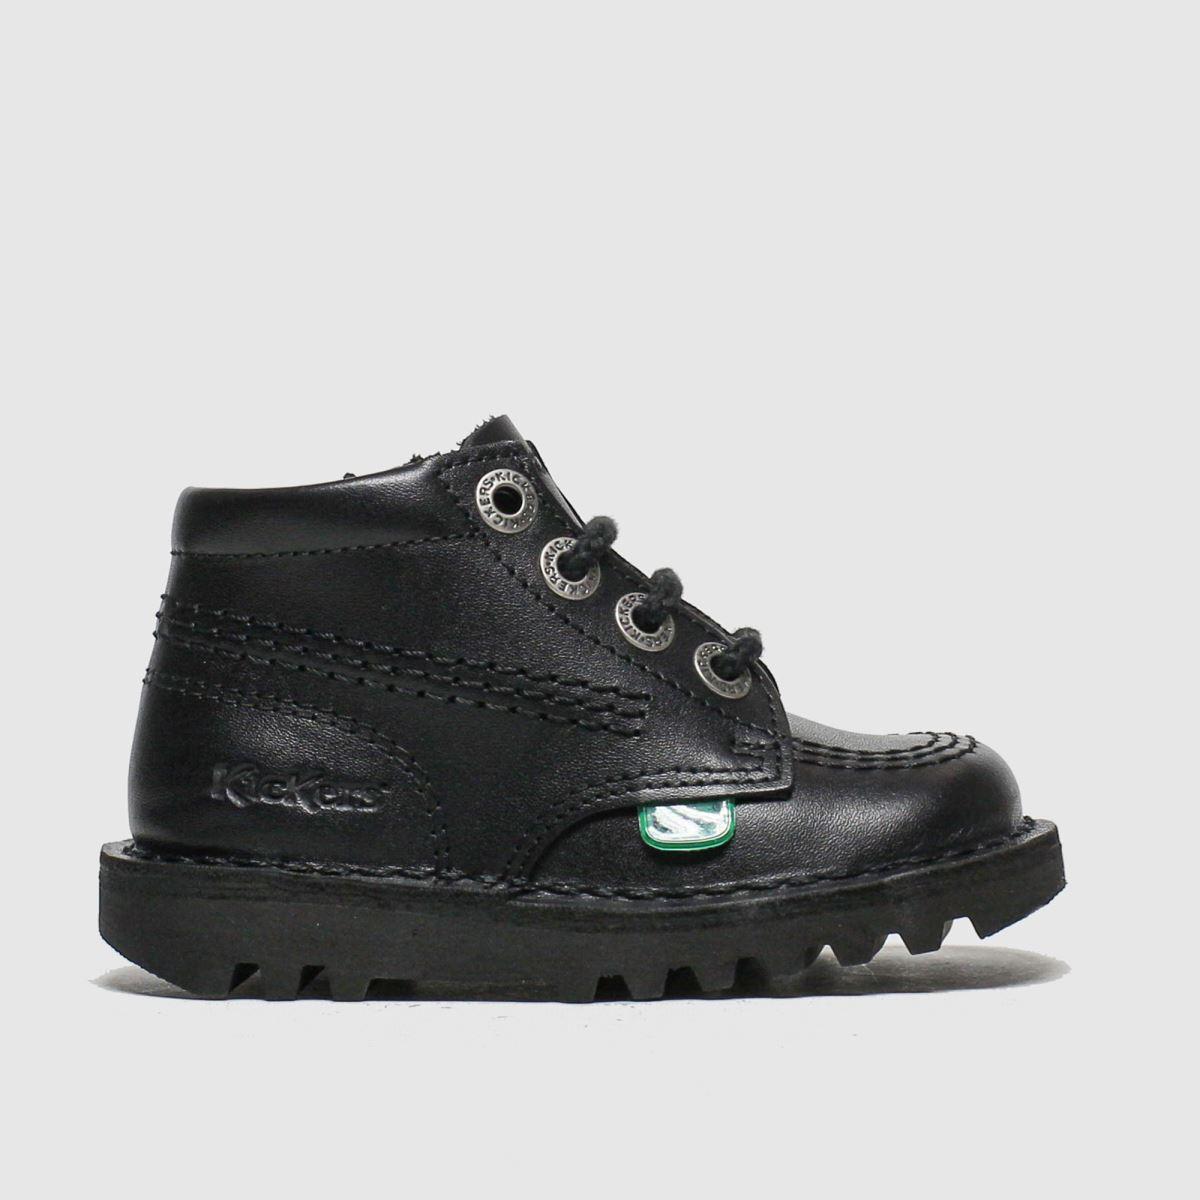 Kickers Black Hi Zip Boots Toddler